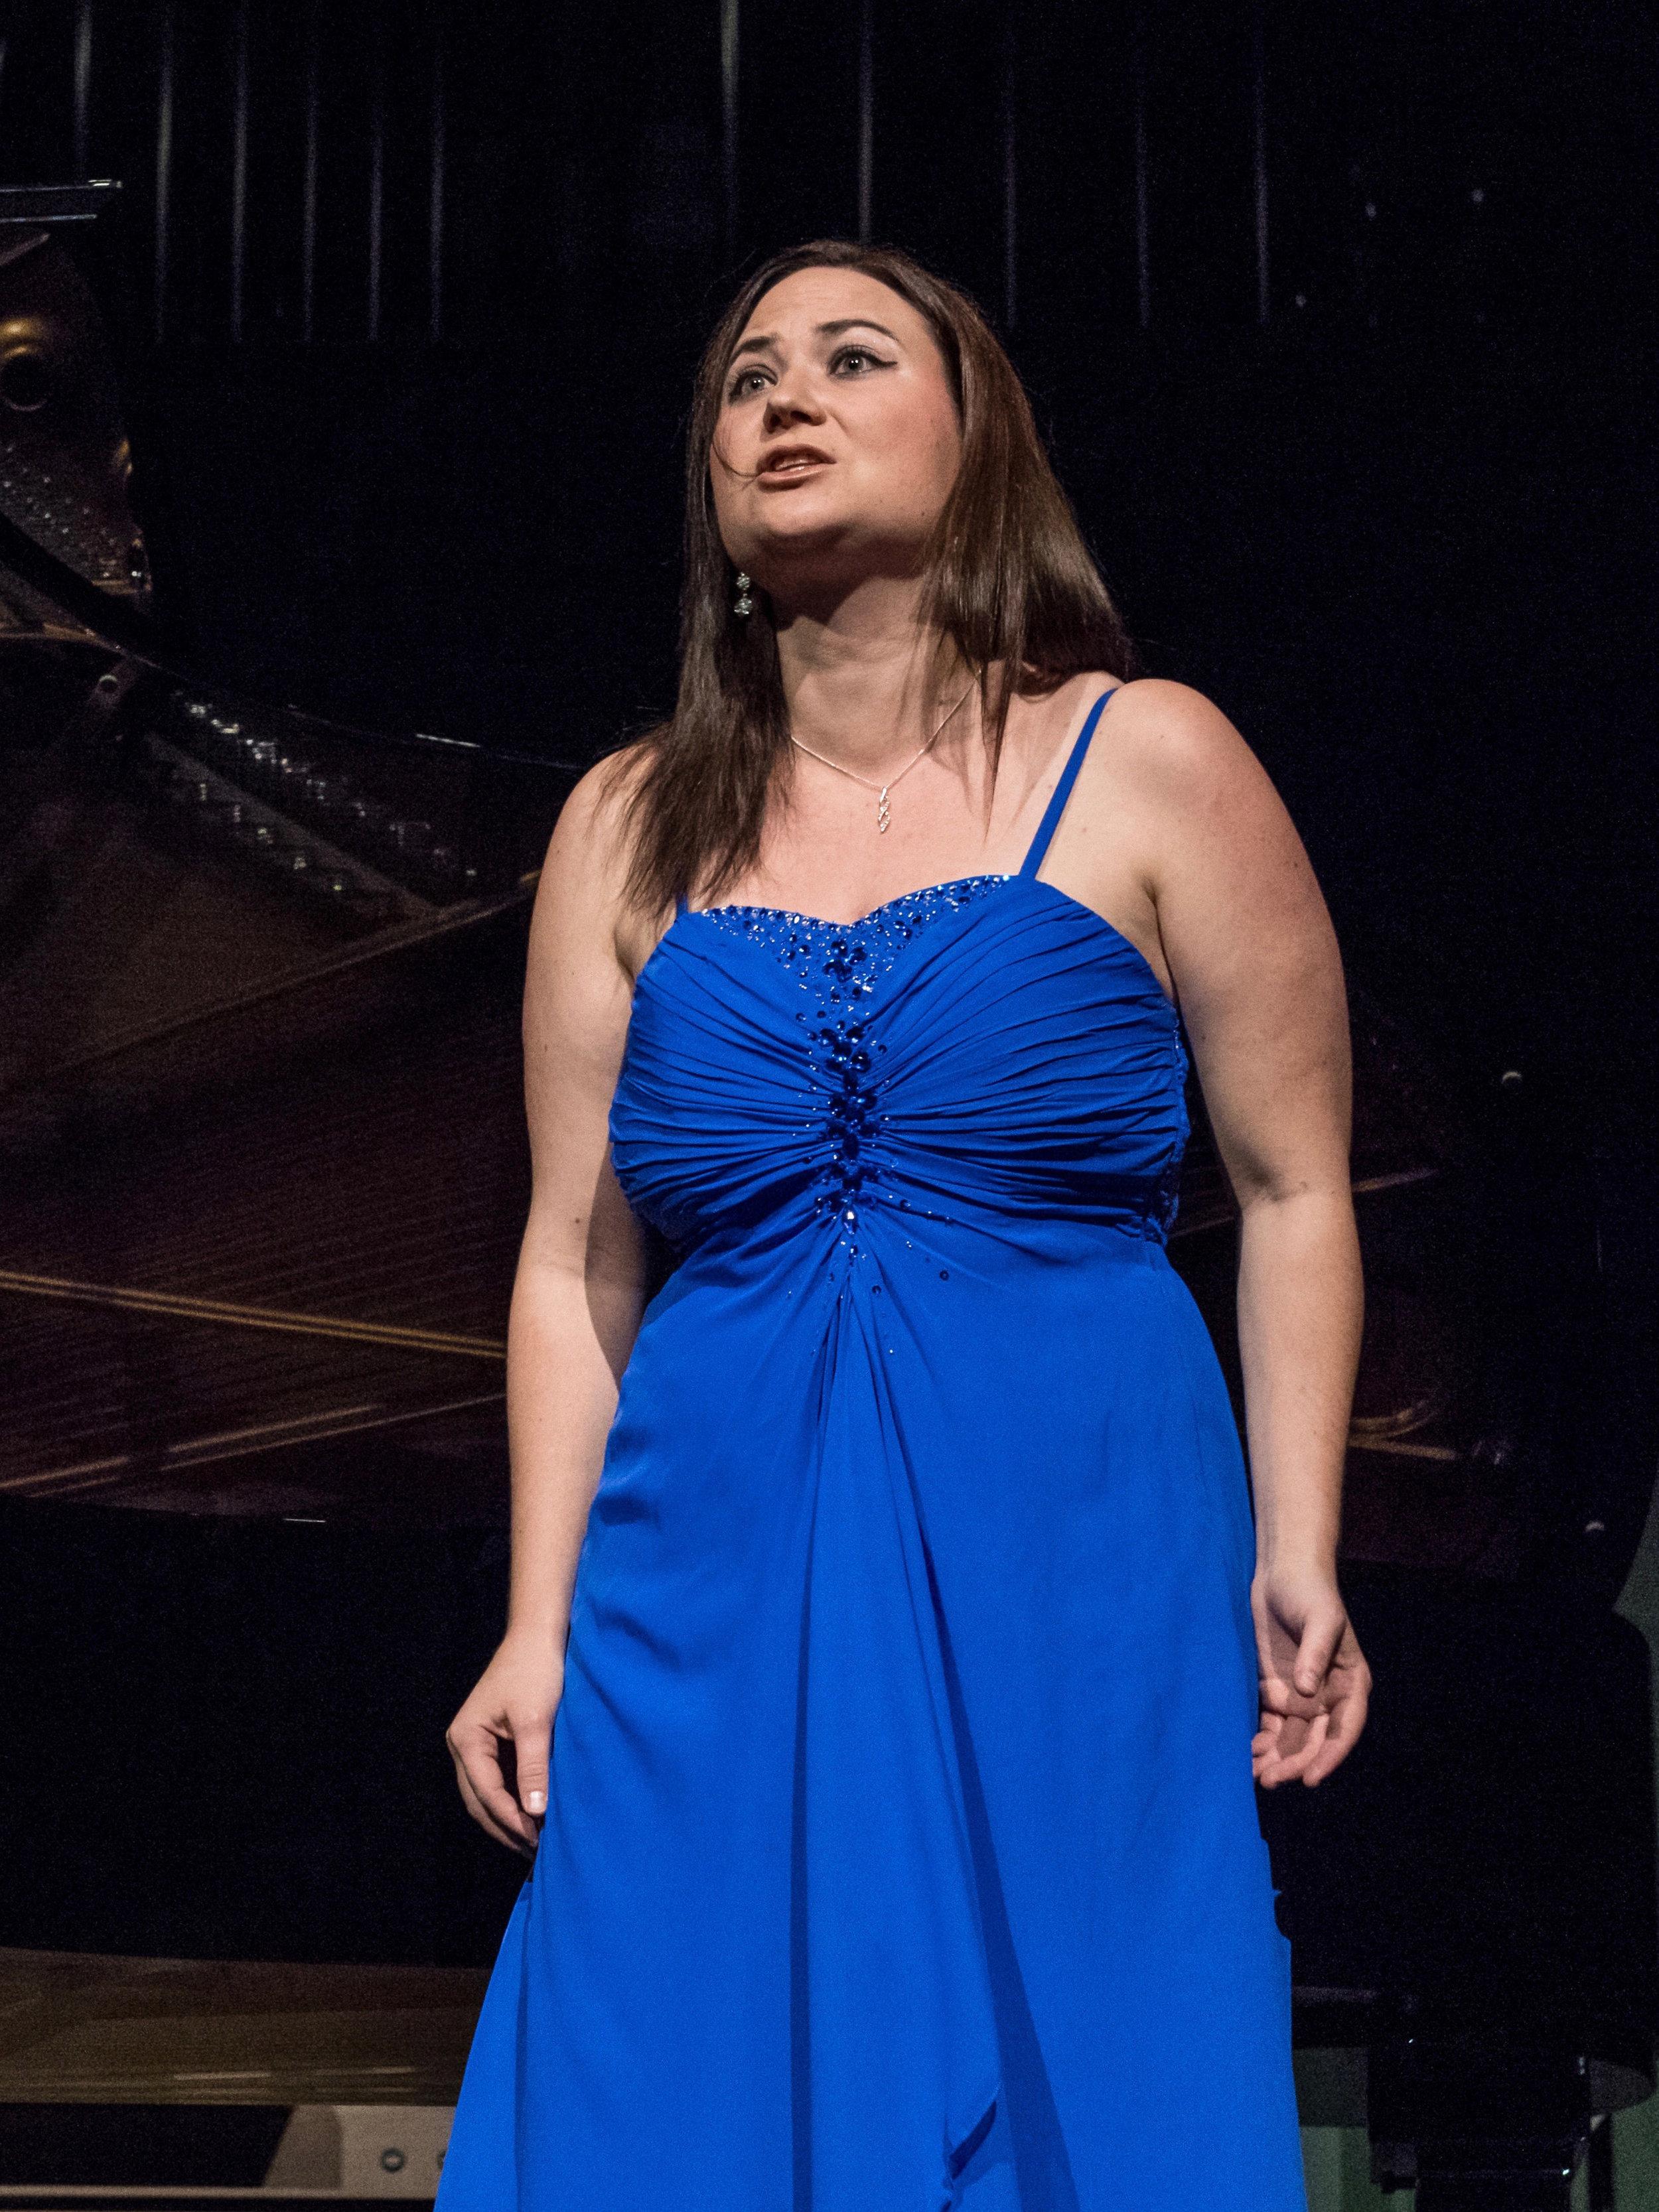 Madeleine Merz - MezzosopranMit der Musik möchte ich den Menschen Geschichten erzählen, ihnen Denkanstösse geben, Emotionen wecken und ihnen somit etwas mitgeben auf ihrem Weg.